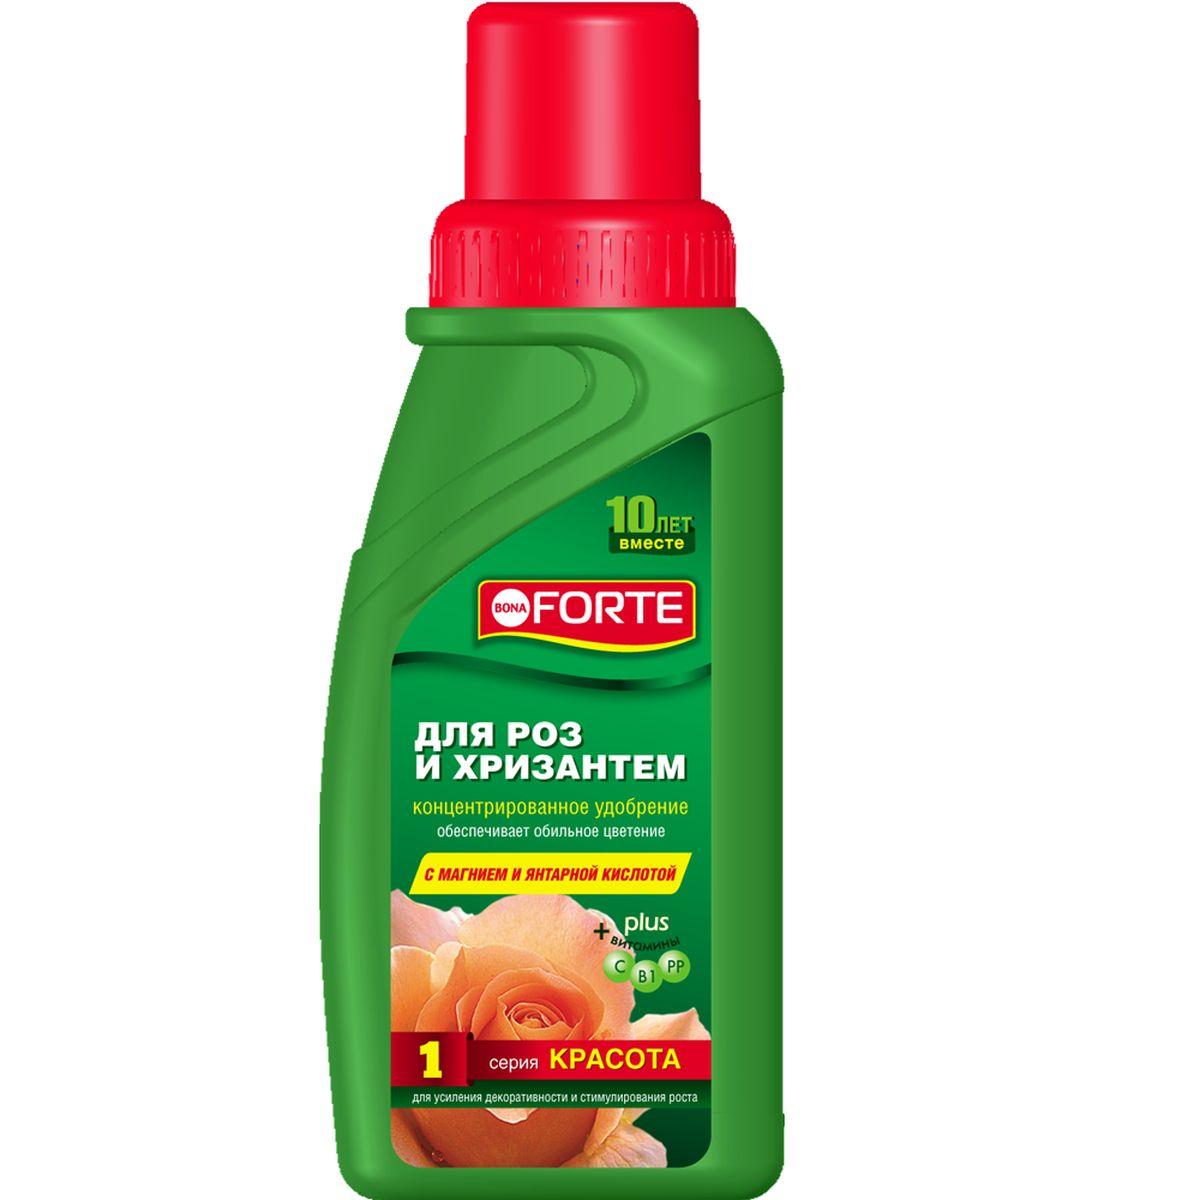 Жидкое комплексное удобрение Bona Forte, 285 мл (серия КРАСОТА)BF-21-01-025-1Стимулирует повторное цветение и образование новых бутонов, укрепляет иммунитет растений.